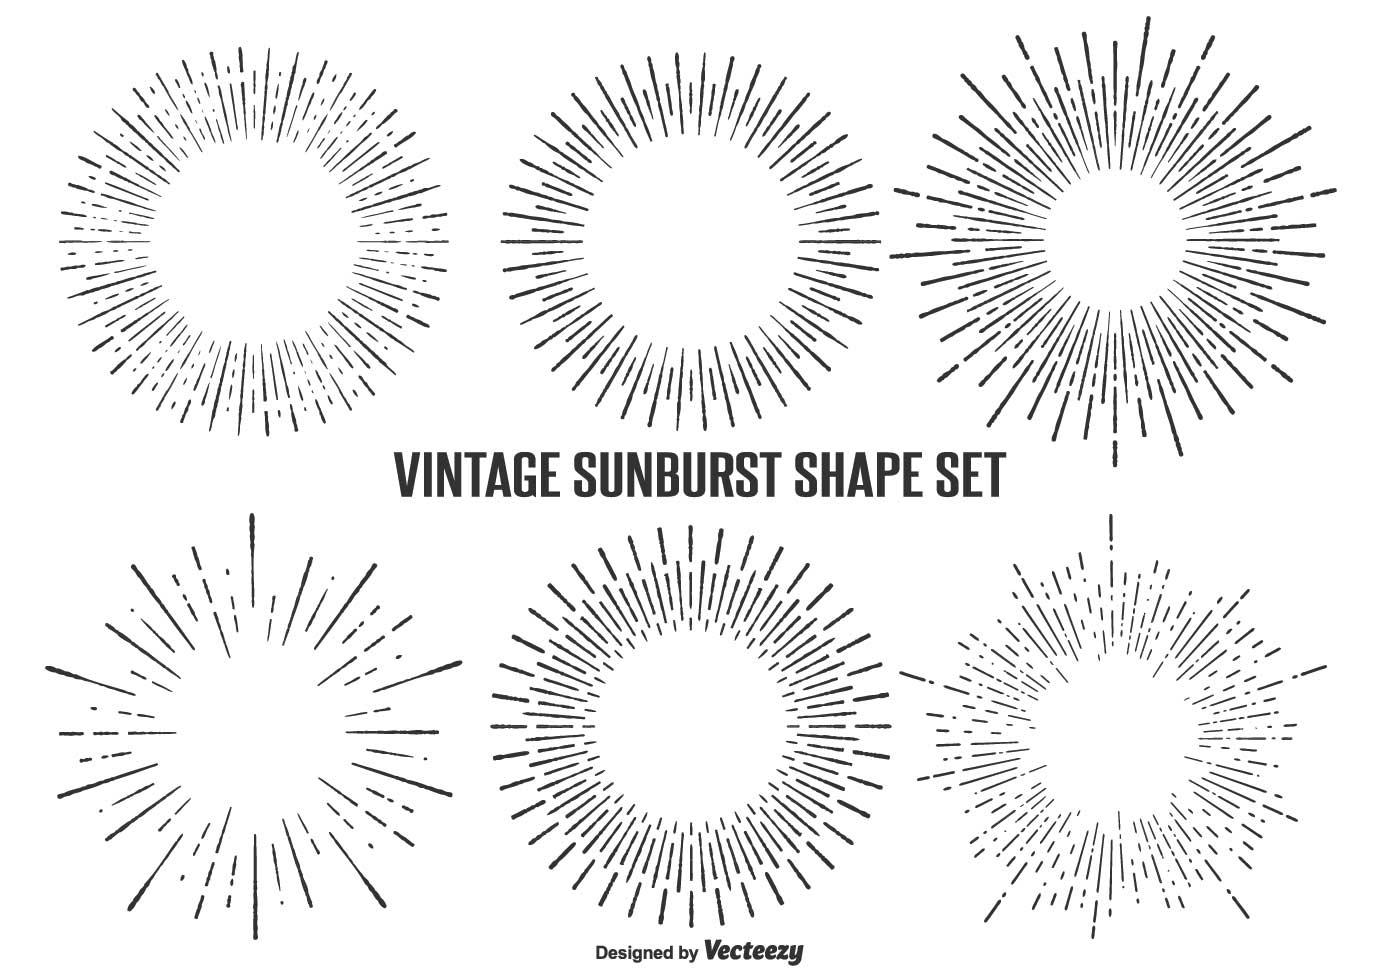 Vintage Sunburst Shape Set Download Free Vector Art